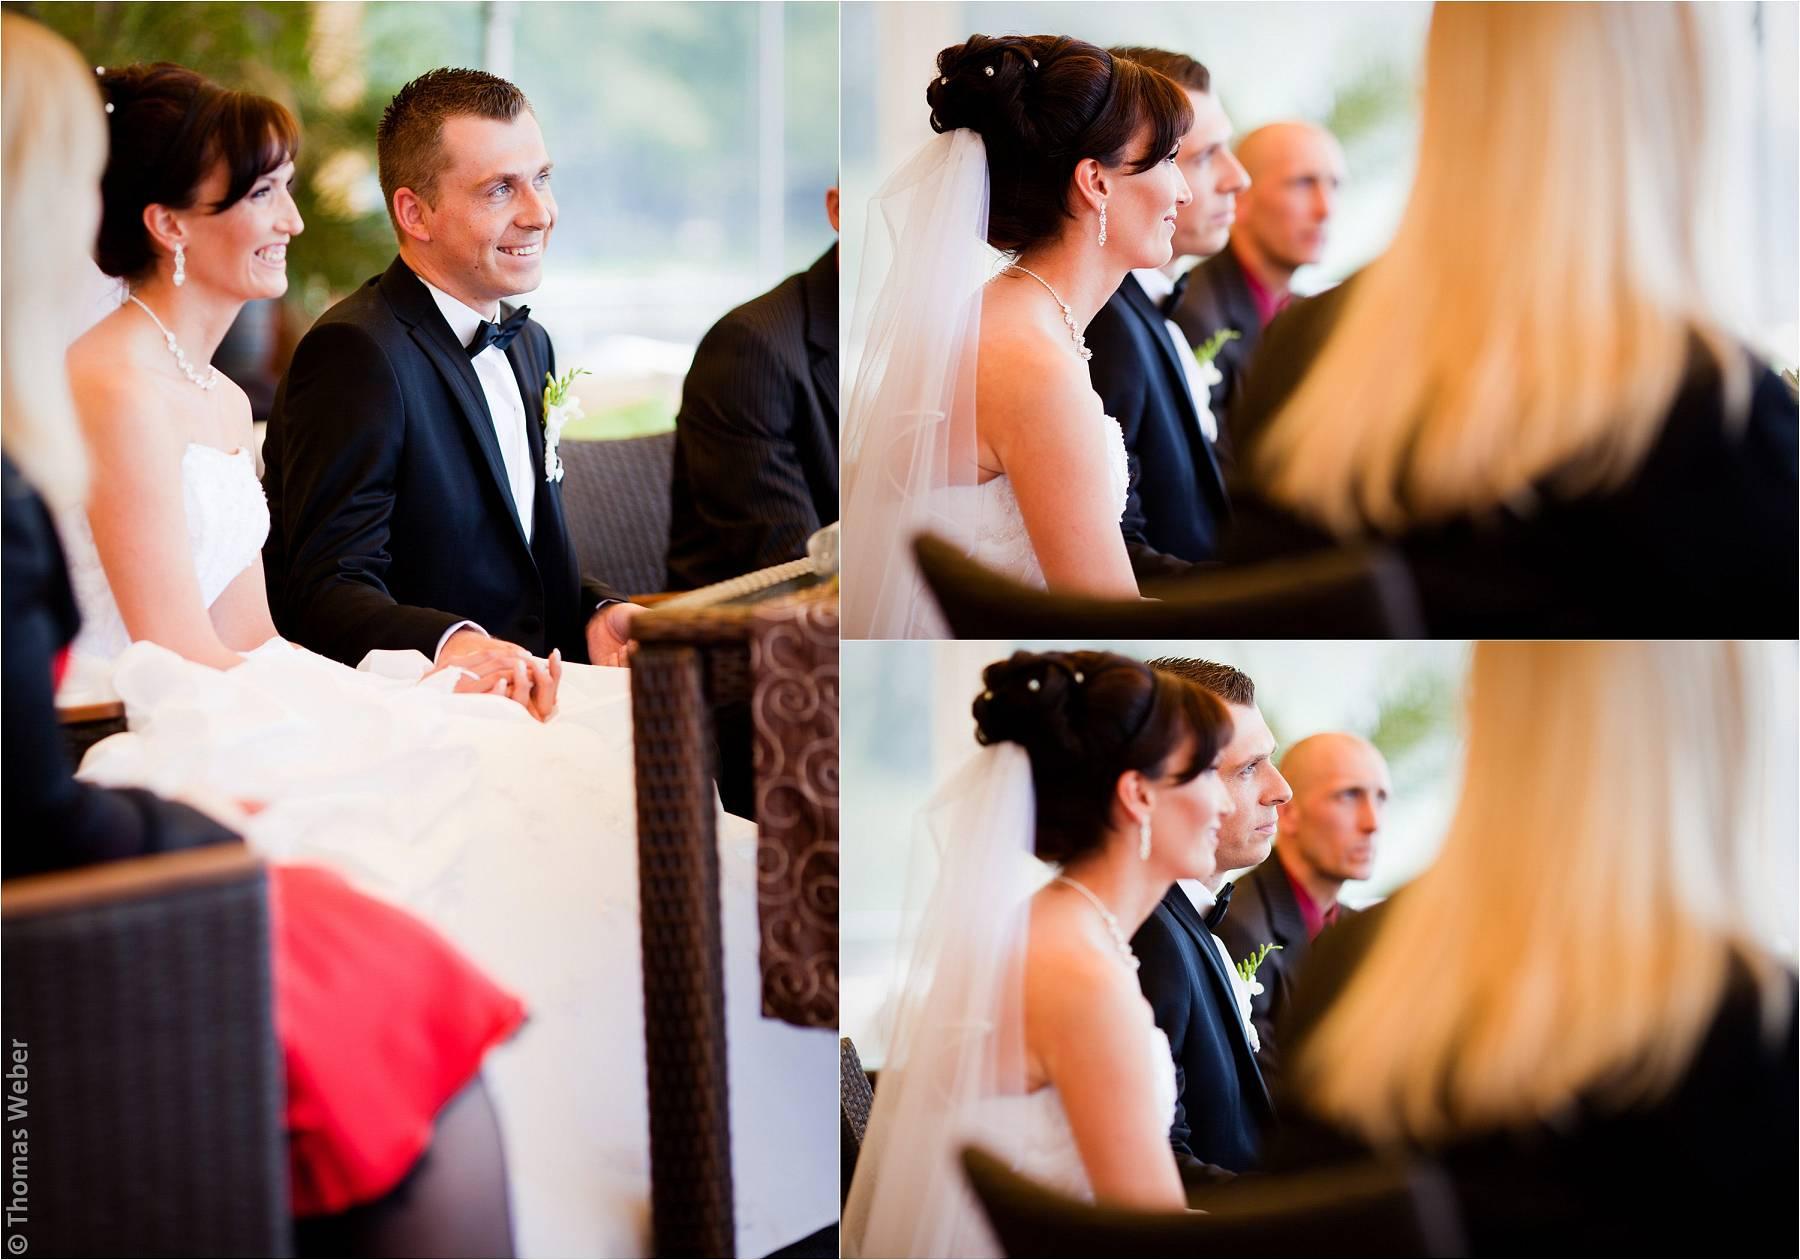 Hochzeitsfotograf Rangsdorf (Berlin): Hochzeit auf der Insel Falkenstein in Rangsdorf nahe Berlin (13)